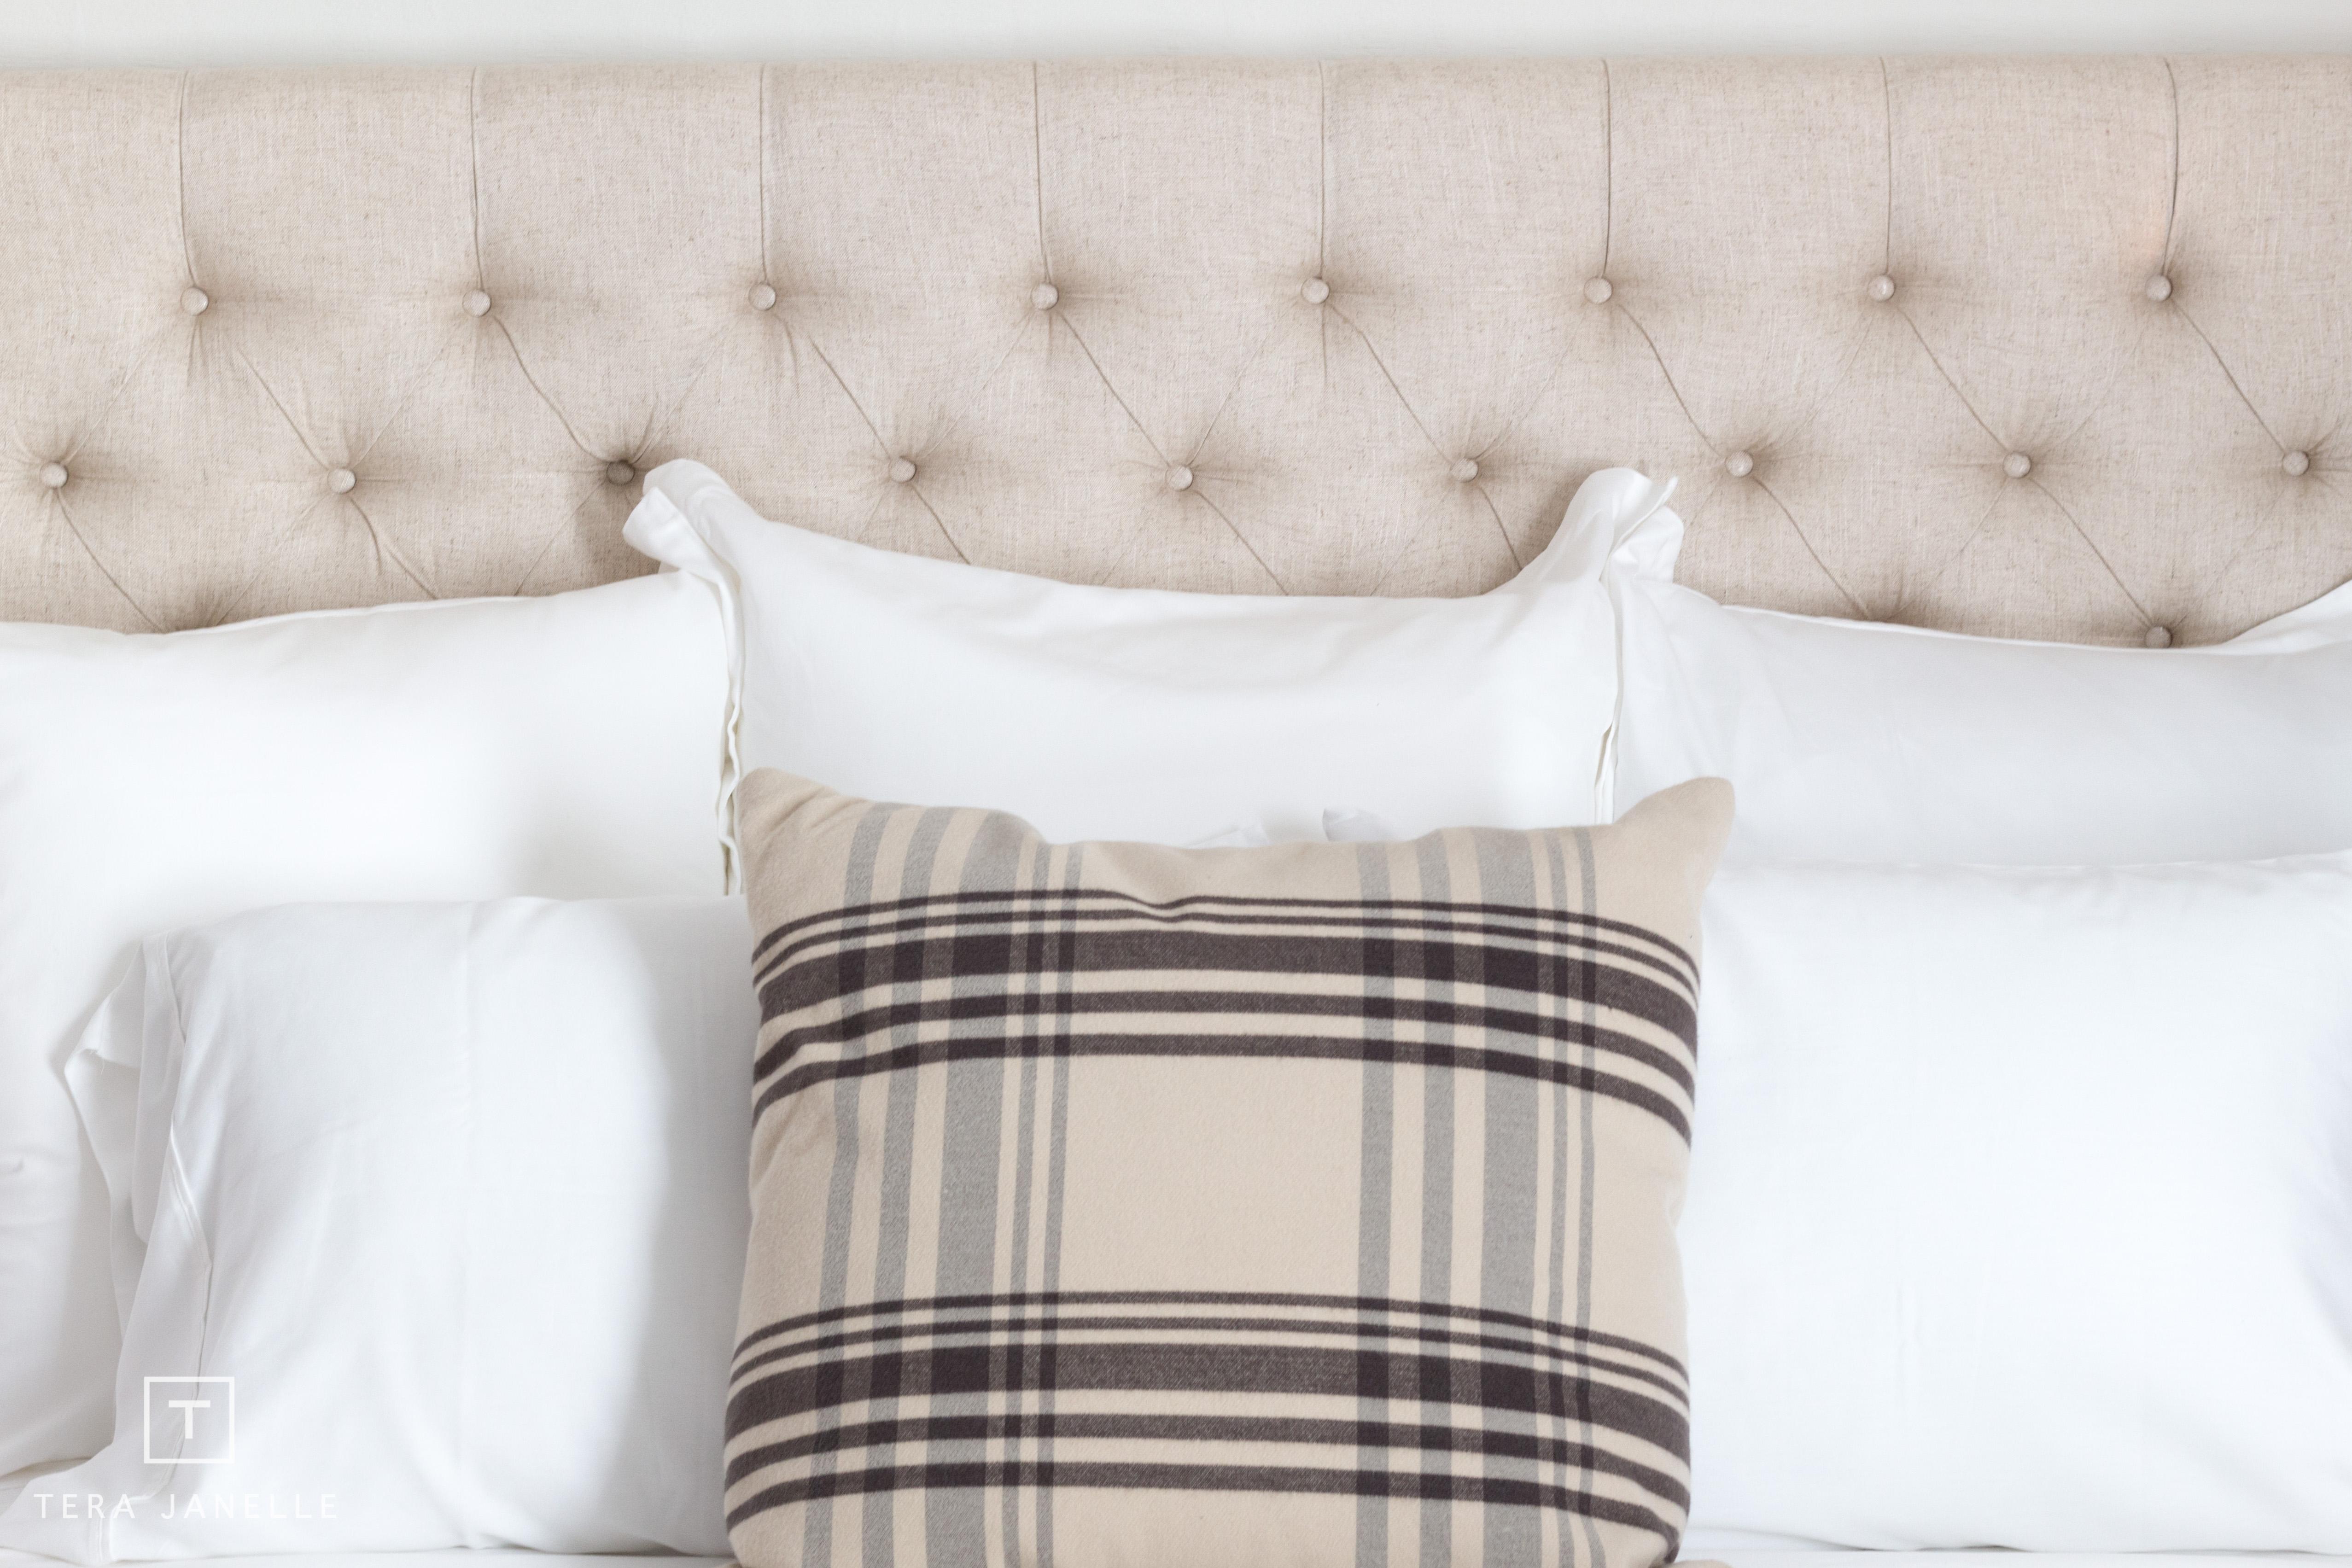 Tera Janelle - Right Bedroom-16.jpg